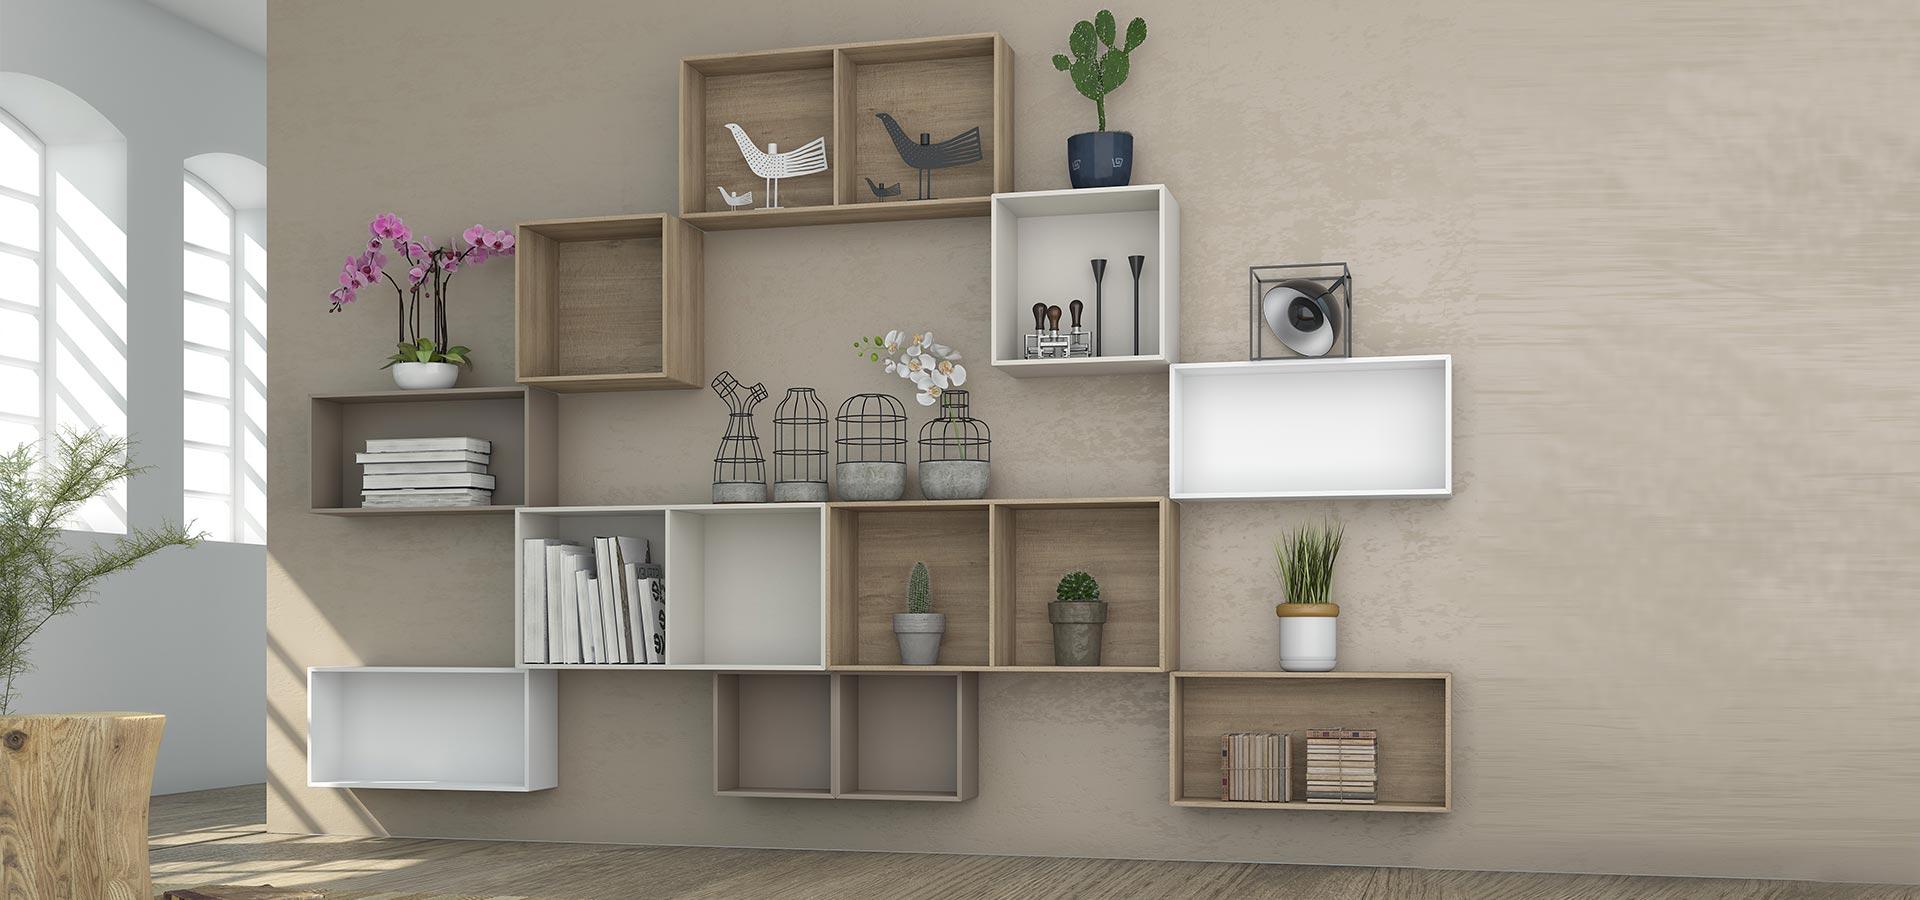 Estanterias Para Habitaciones Y Dormitorios Juveniles Ismoble ~ Estanterias Dormitorios Juveniles